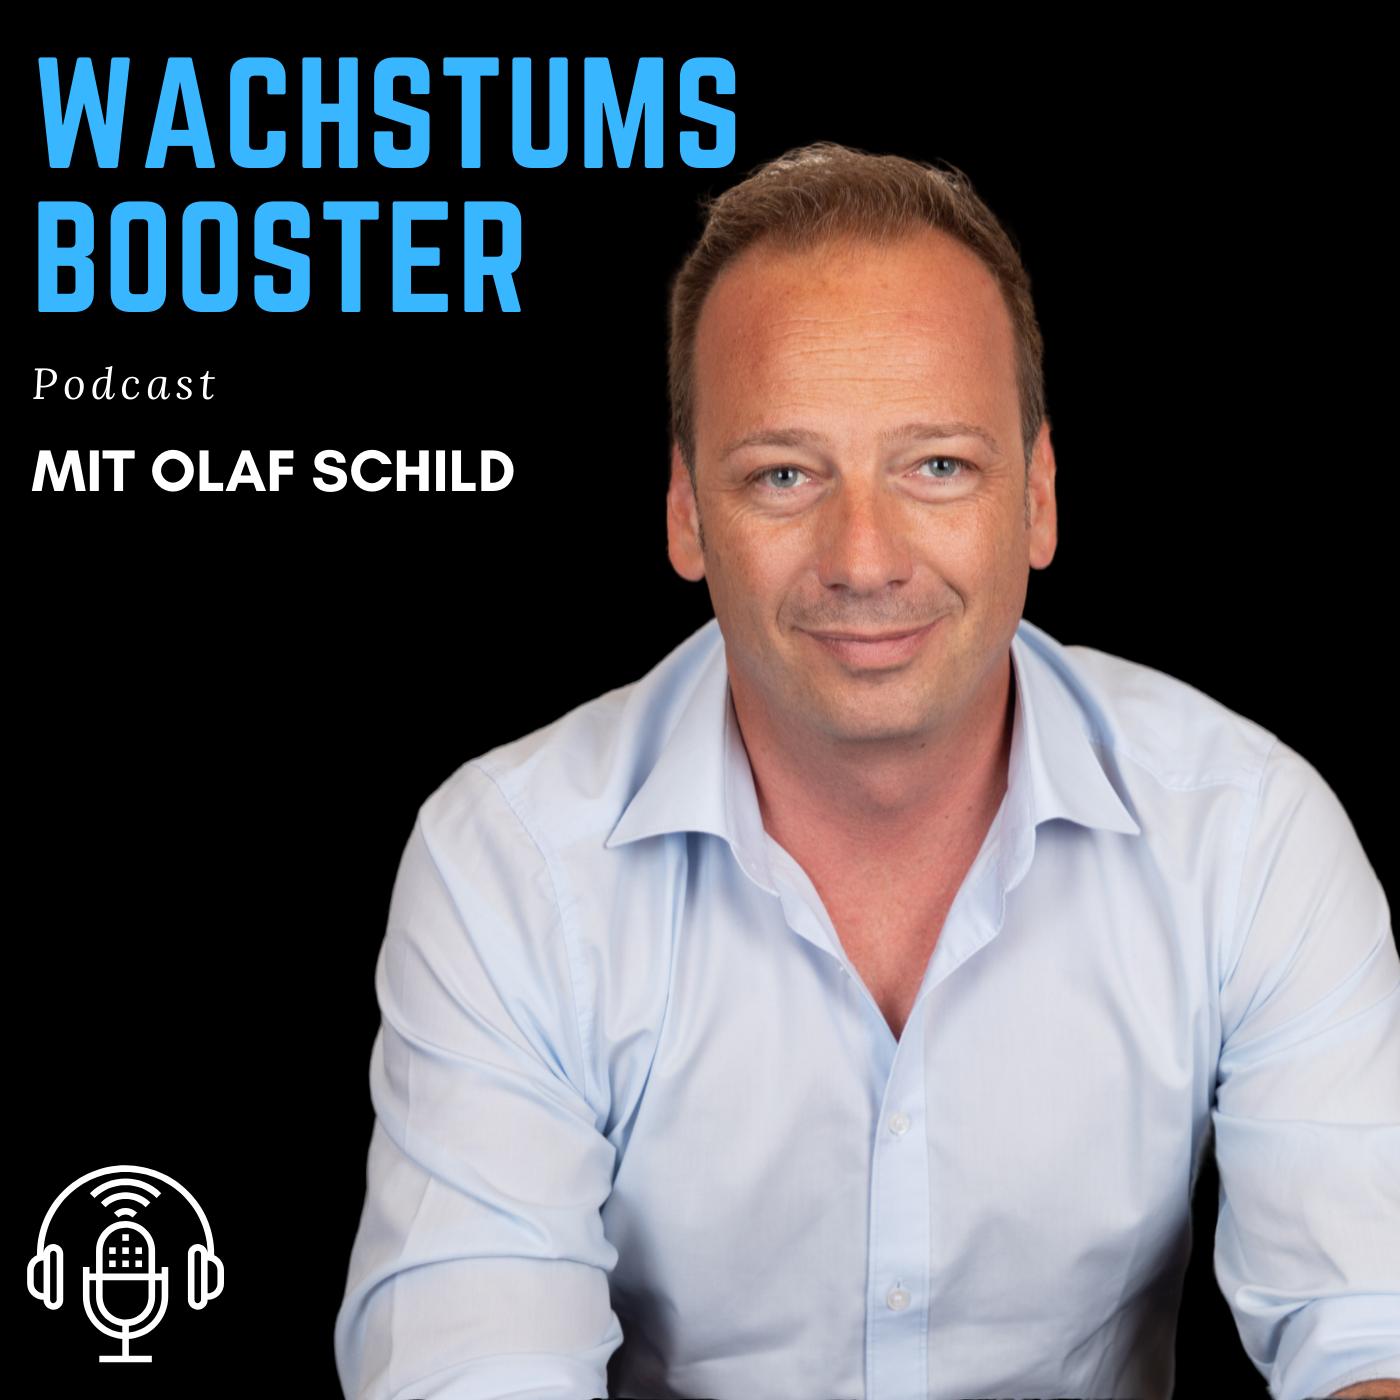 WACHSTUMS BOOSTER - Dein Podcast für Businesstipps - Motivation und mehr Erfolg in allen Lebensbereichen show art